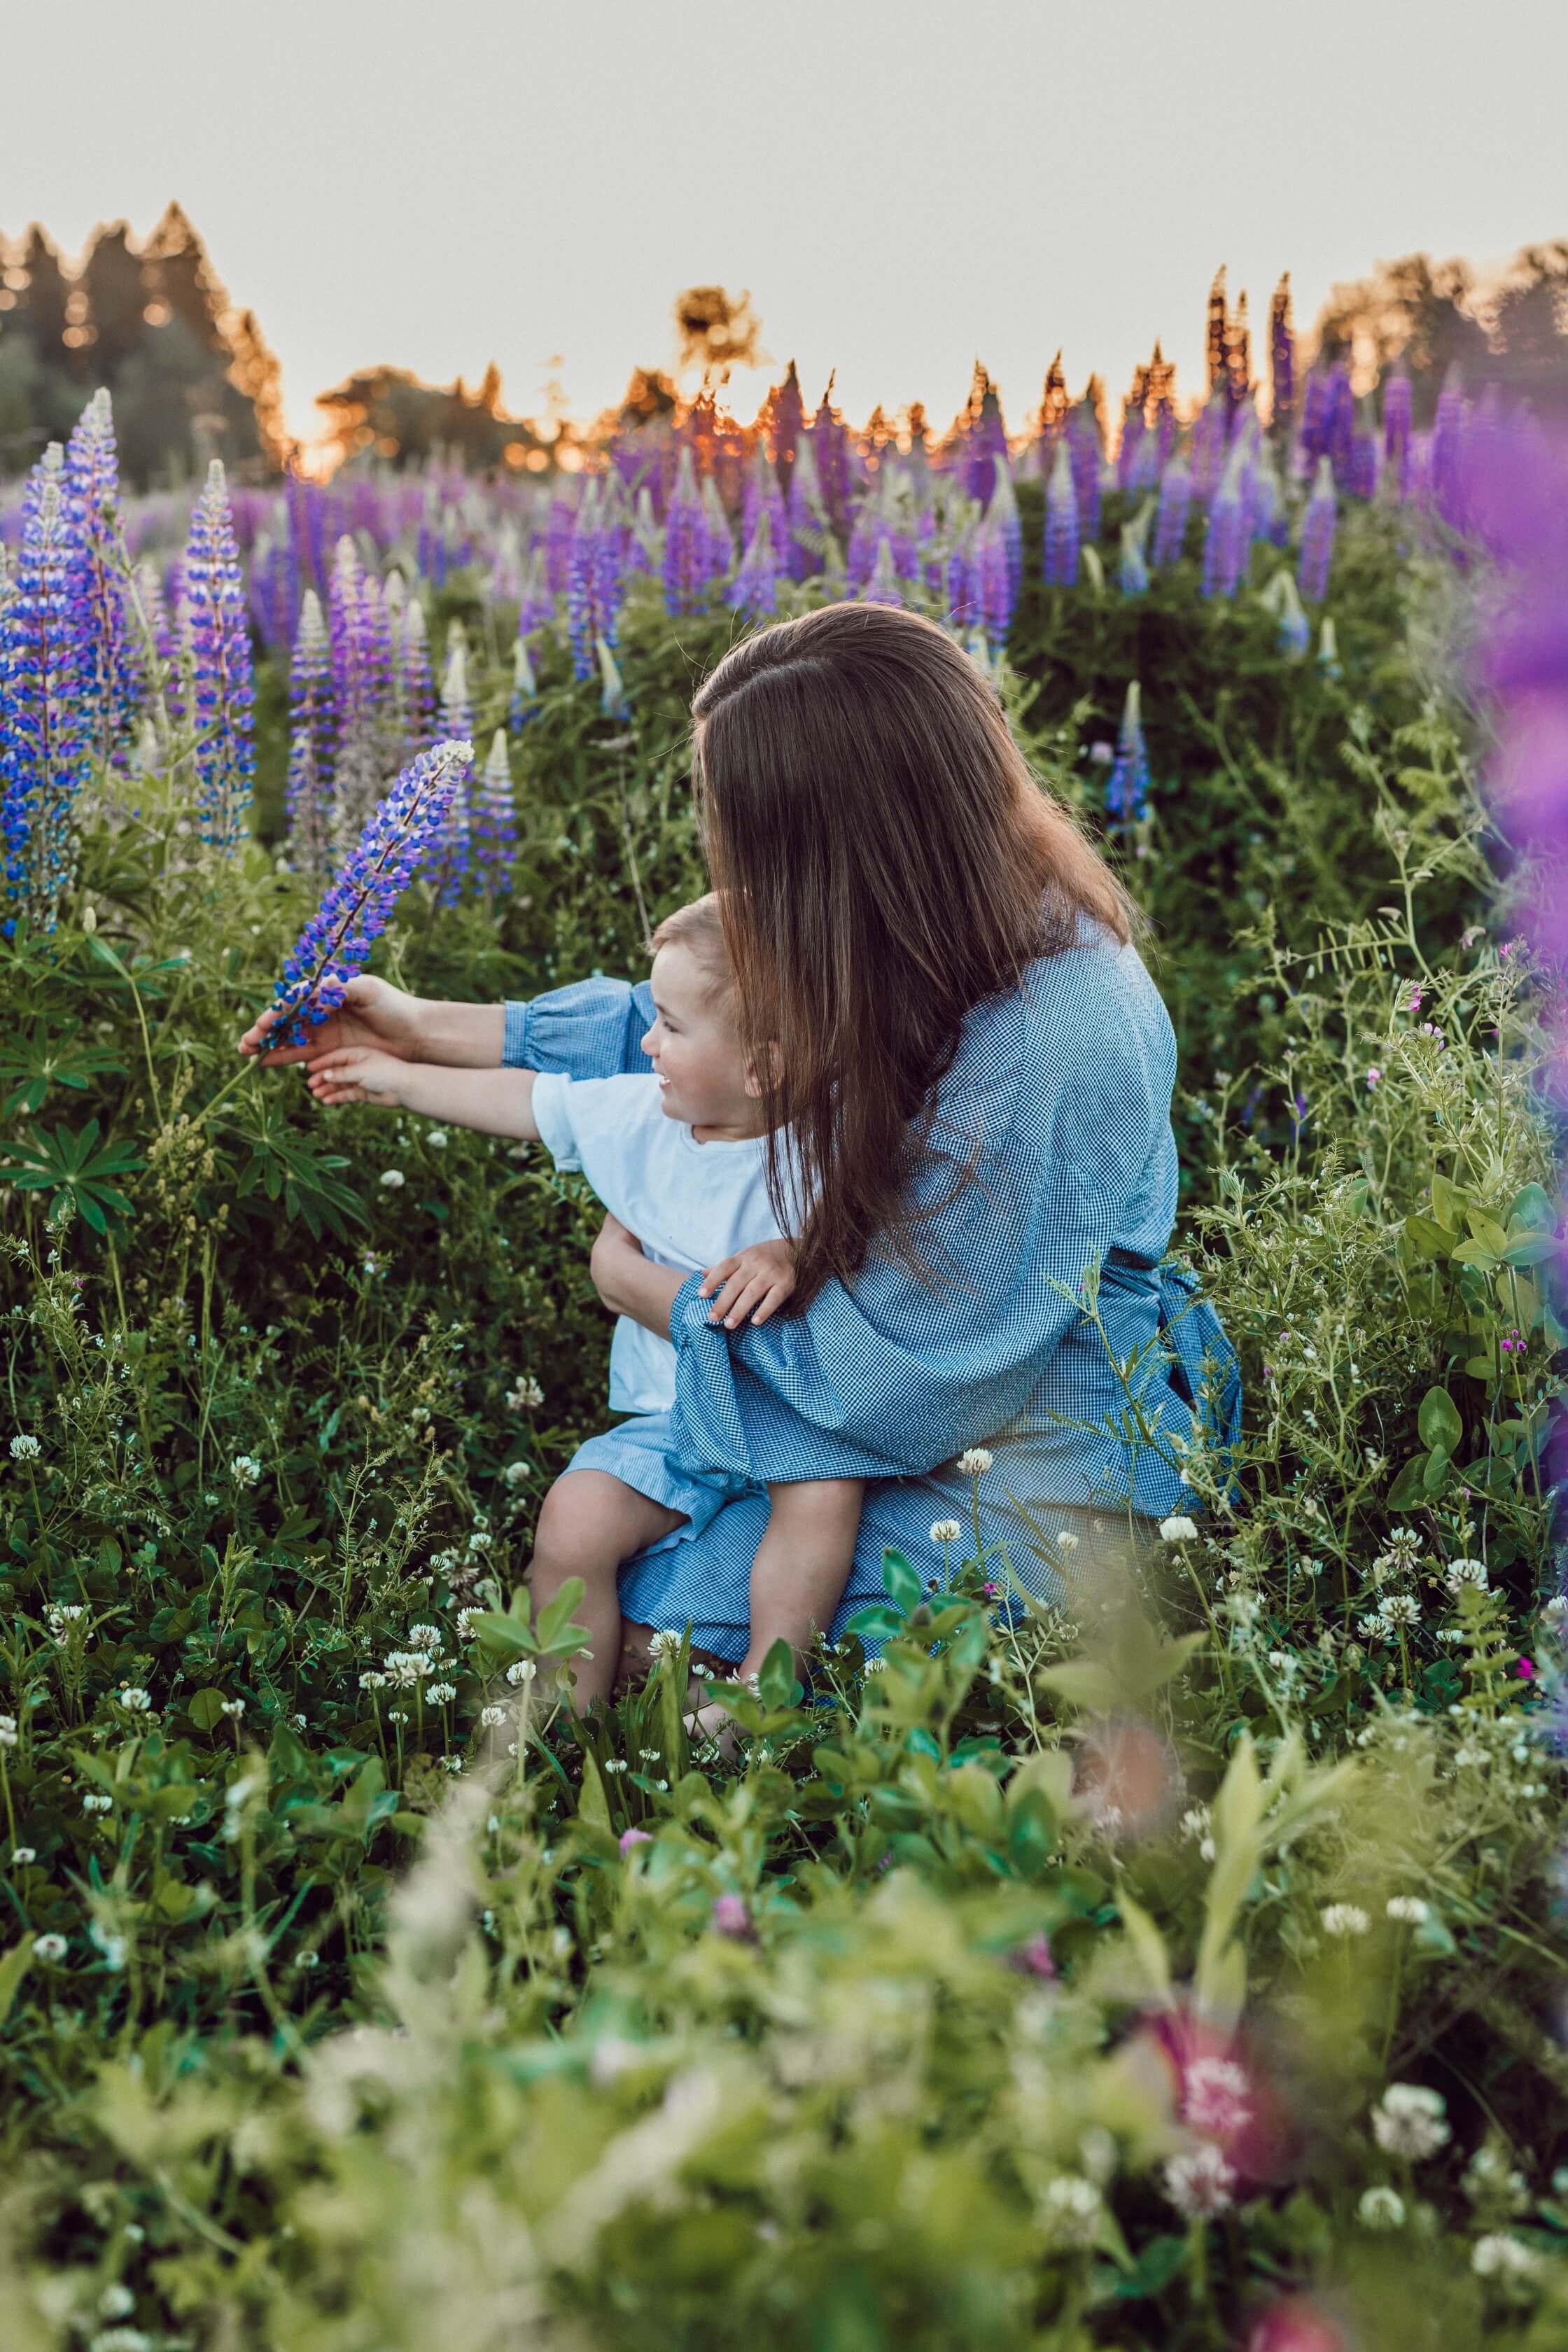 οι ιδιότητες της καλής μαμάς